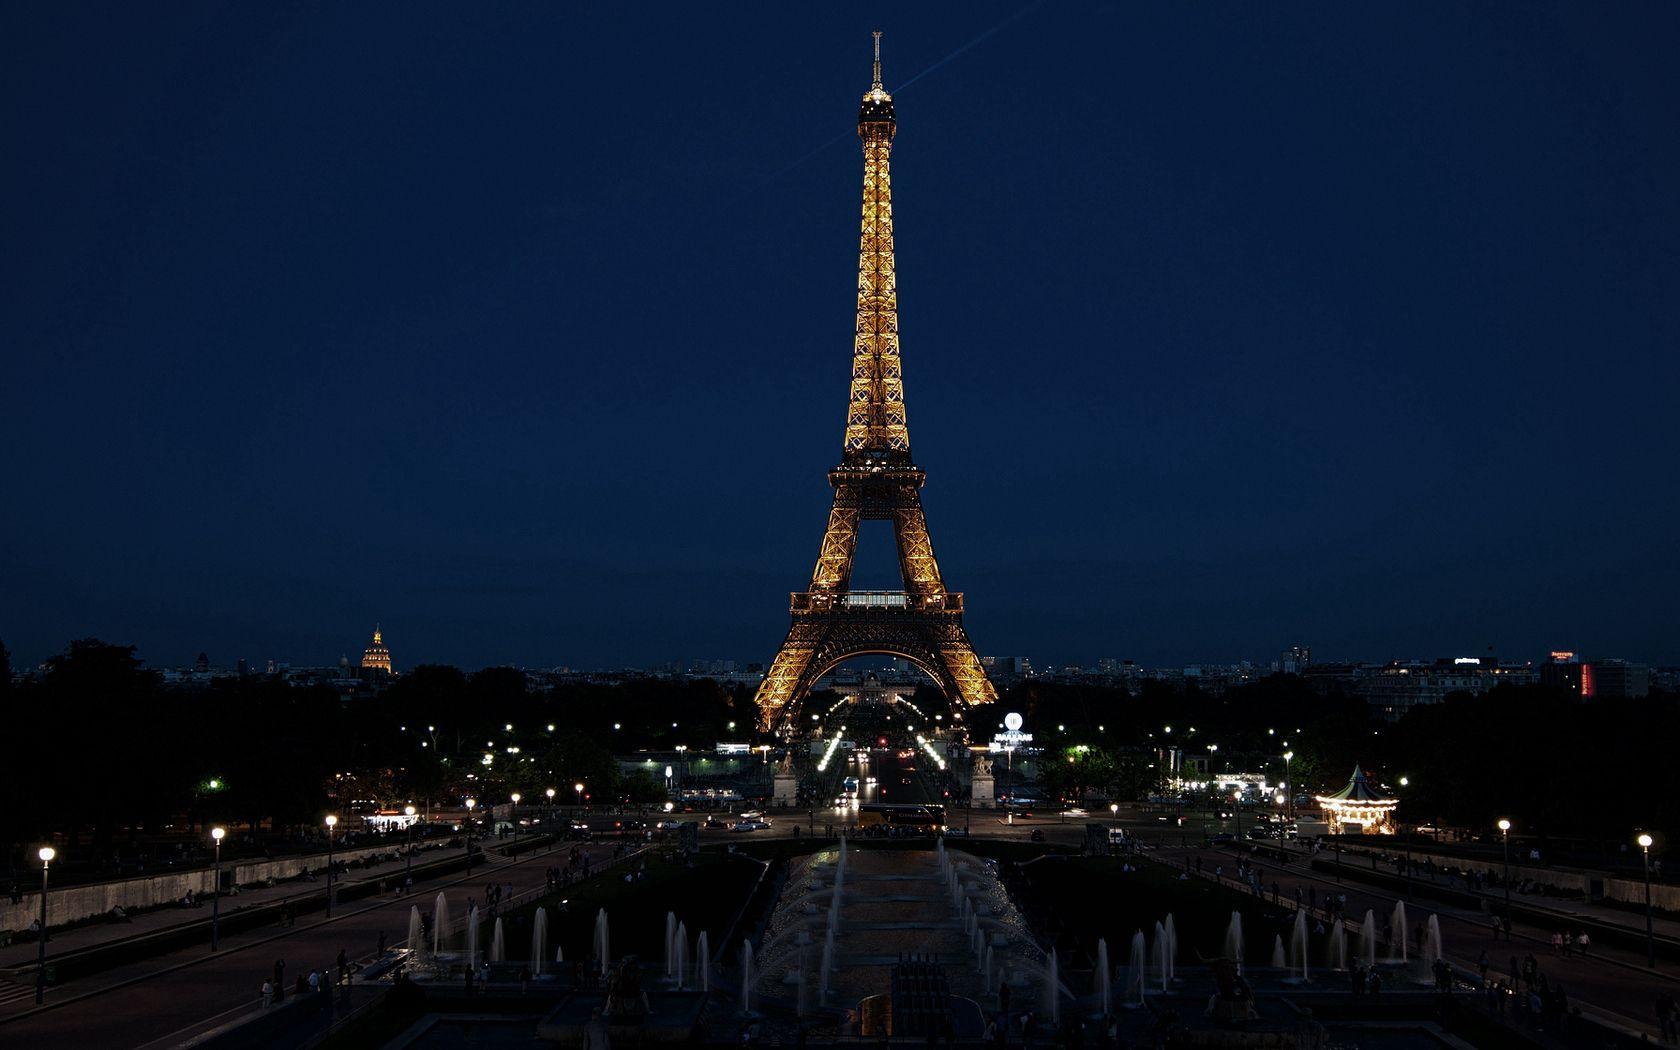 132932 Заставки и Обои Города на телефон. Скачать Париж, Франция, Город, Ночь, Огни, Города, Эйфелева Башня картинки бесплатно